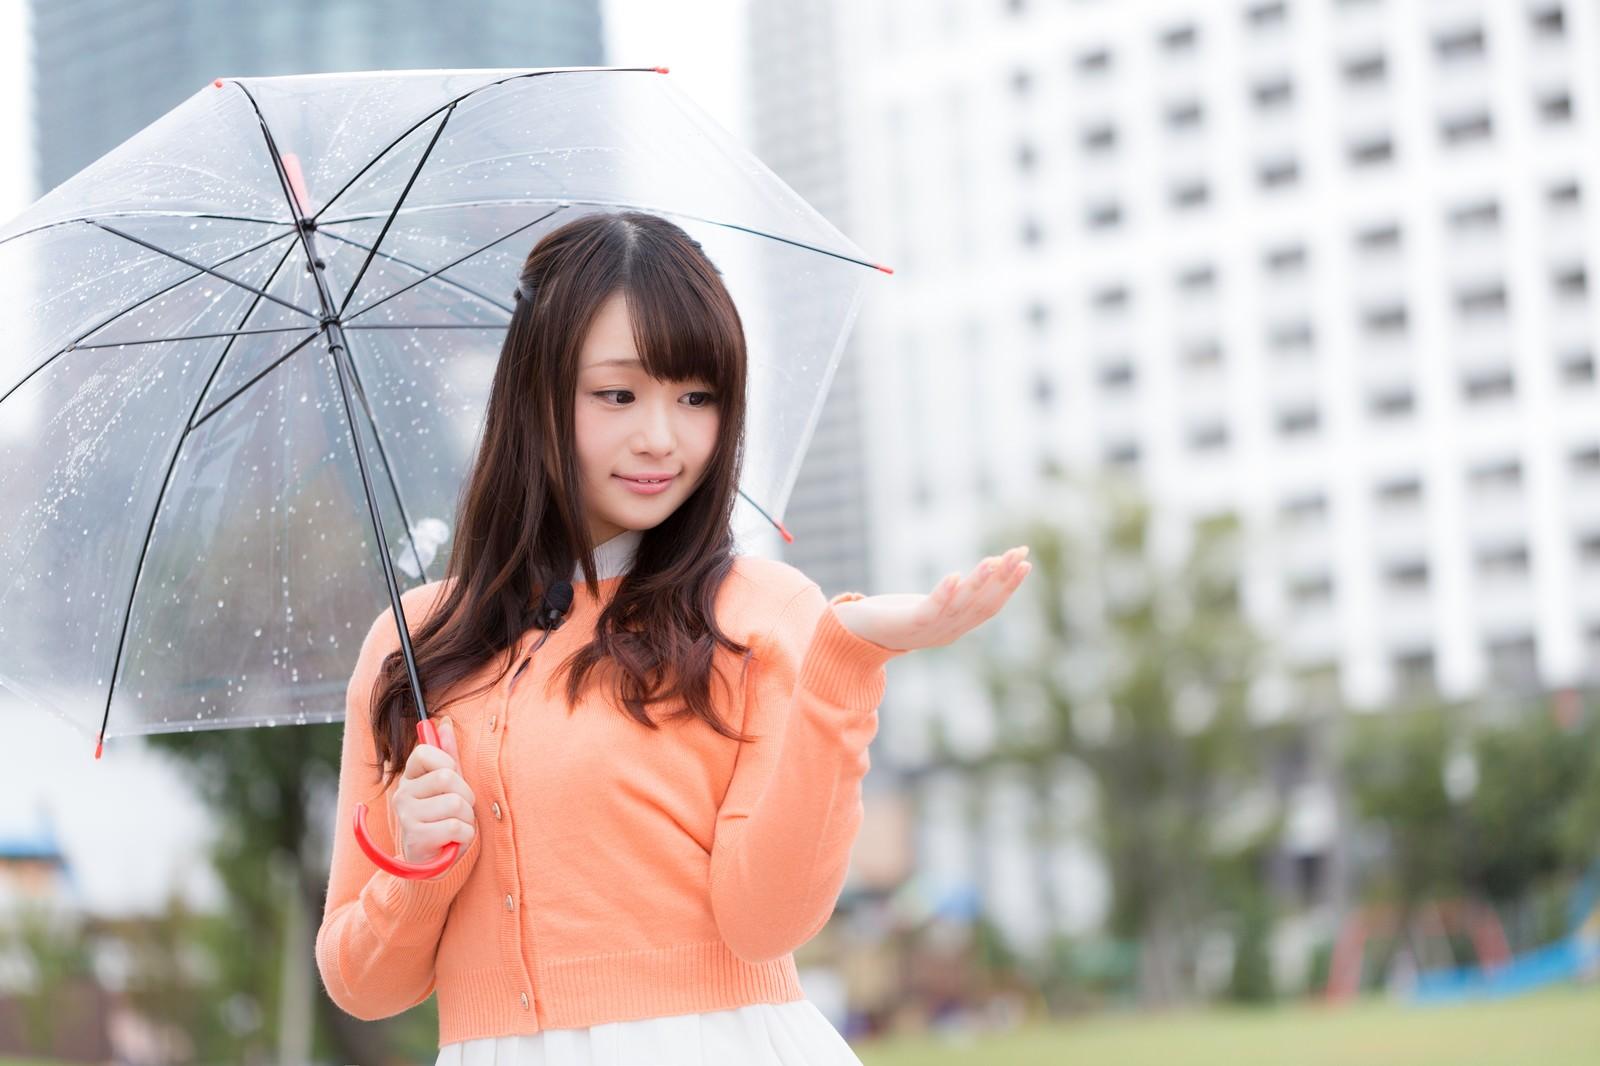 「雨を伝えるお天気お姉さん雨を伝えるお天気お姉さん」[モデル:茜さや]のフリー写真素材を拡大